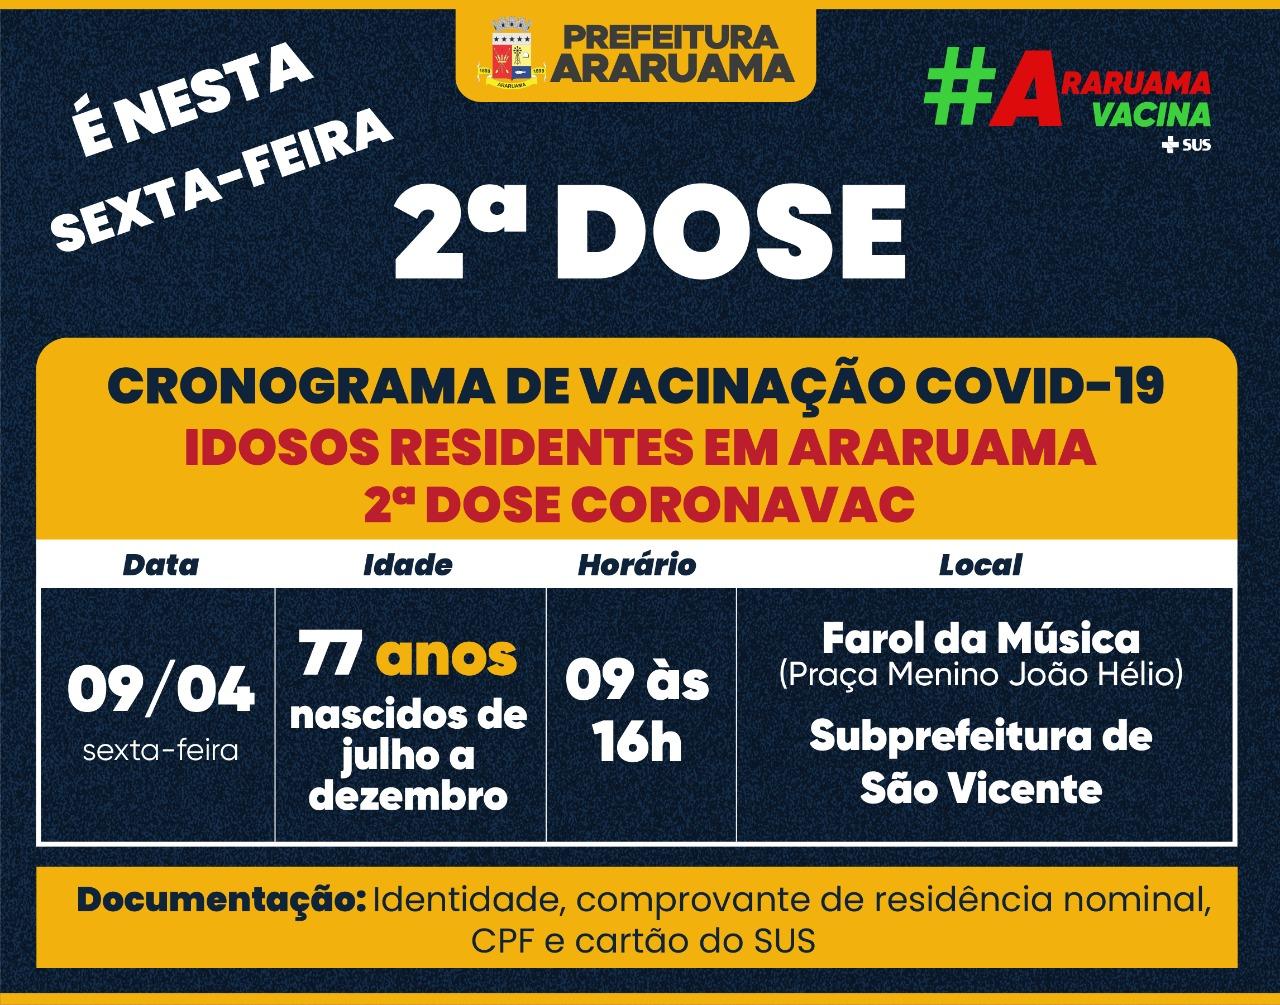 Atenção idosos de 77 anos, nascidos de julho a dezembro, residentes em Araruama! Nessa sexta-feira, 09, acontece a vacinação da segunda dose da Coronavac.